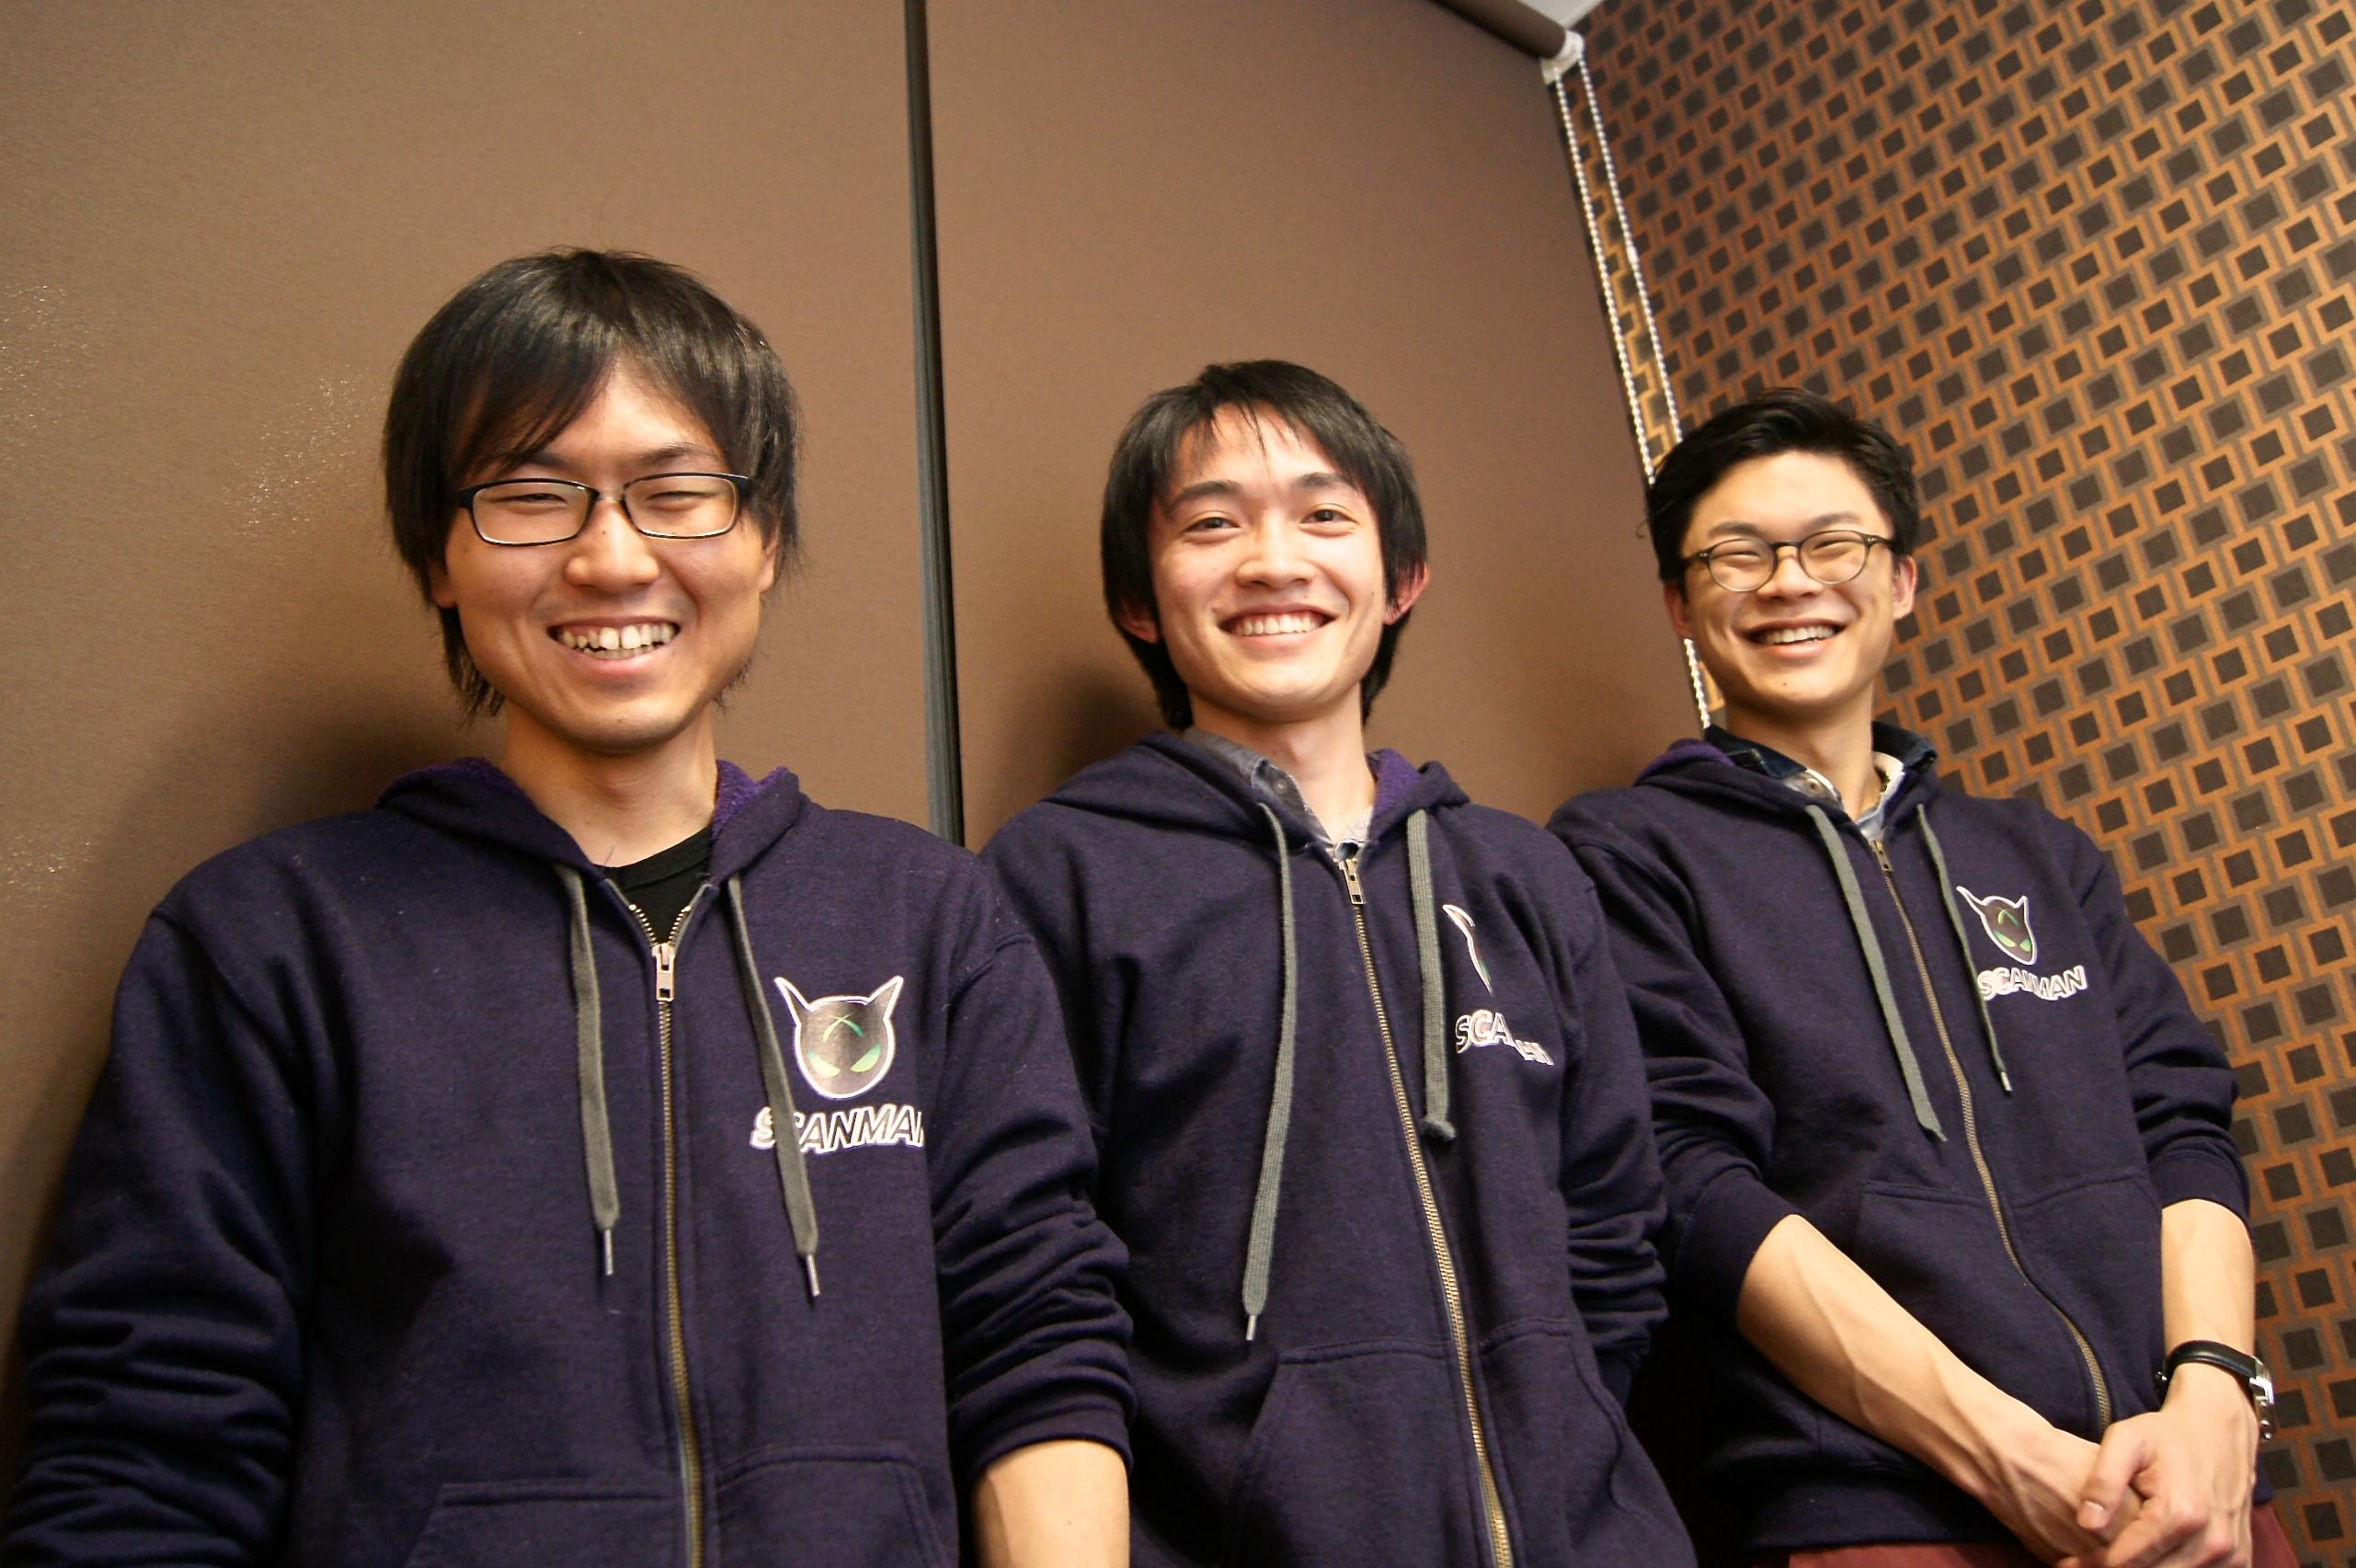 左から杉本さん、大内さん、取締役副社長の金さん